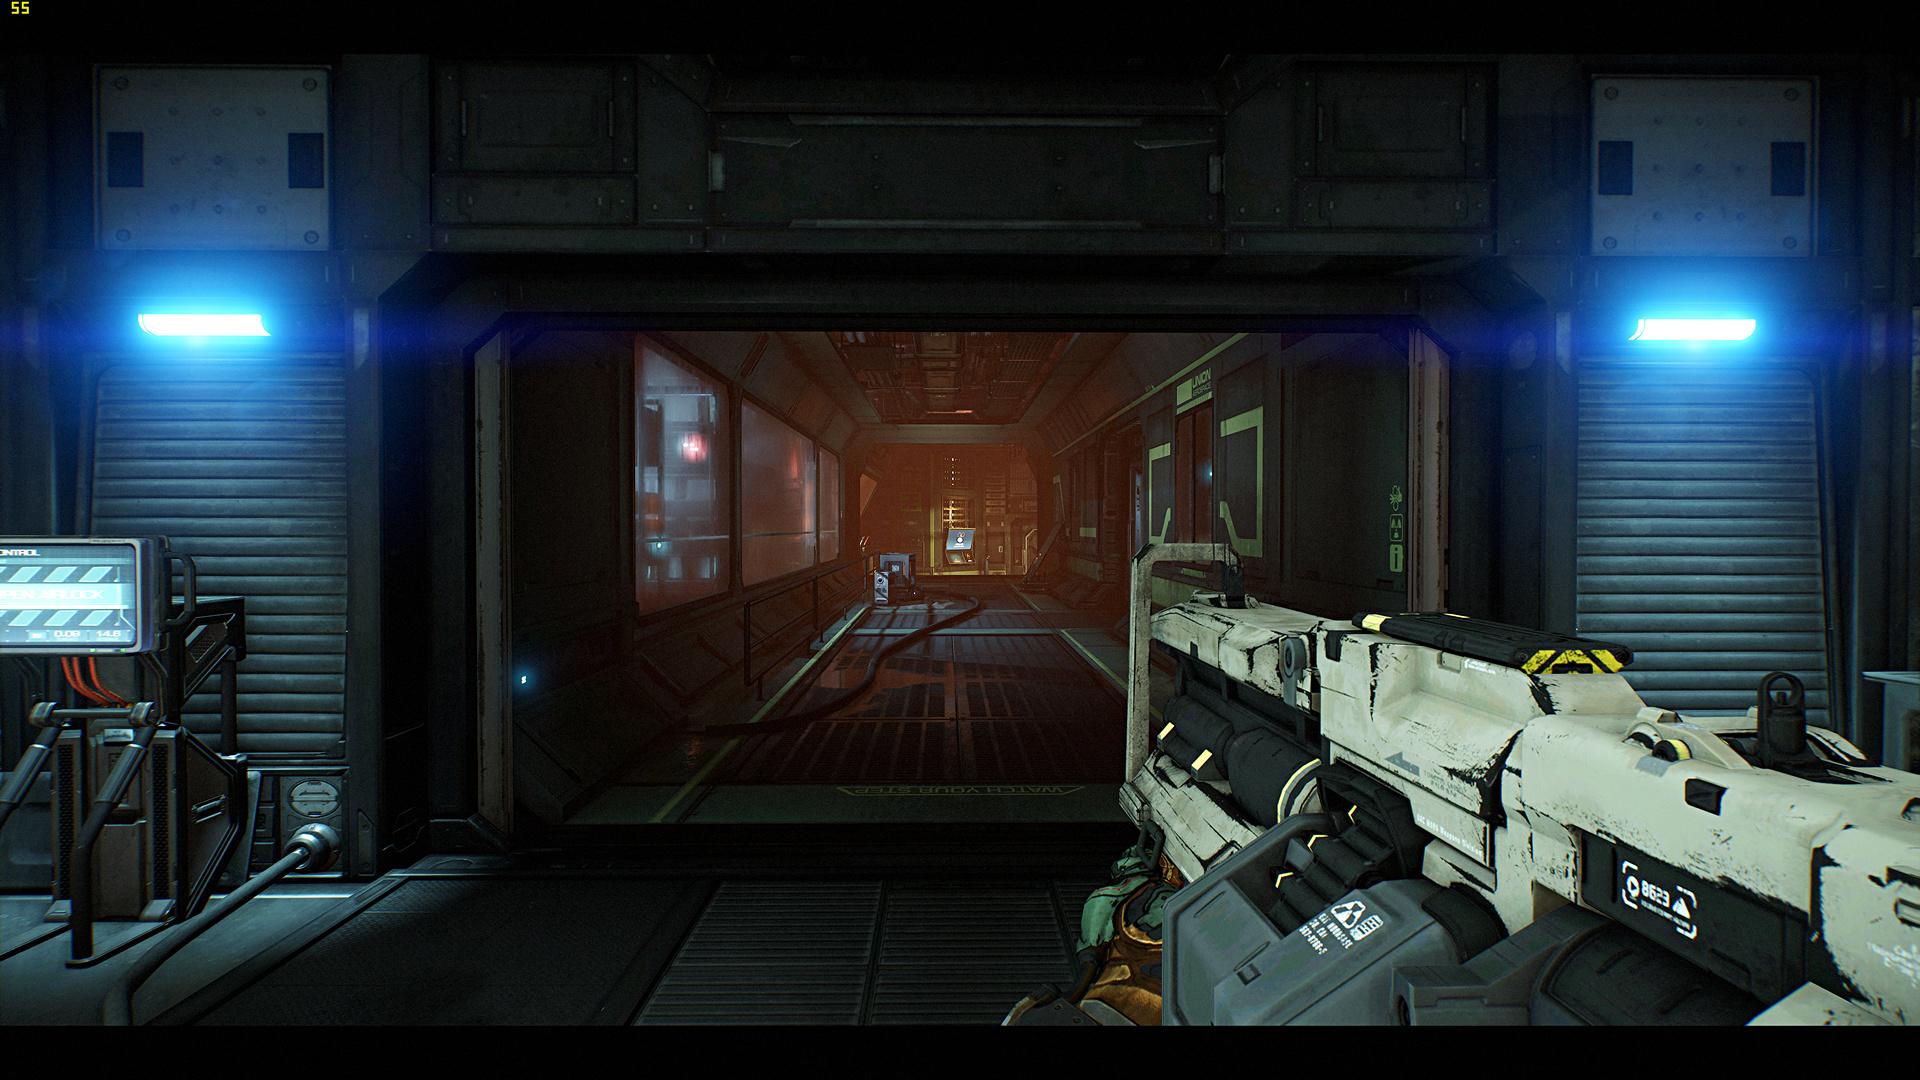 Radeon RX Vega 64 im Test: Schnell und durstig mit Potenzial - Benchmark-Szene von Doom (Screenshot: Marc Sauter/Golem.de, Rechteinhaber: Bethesda)